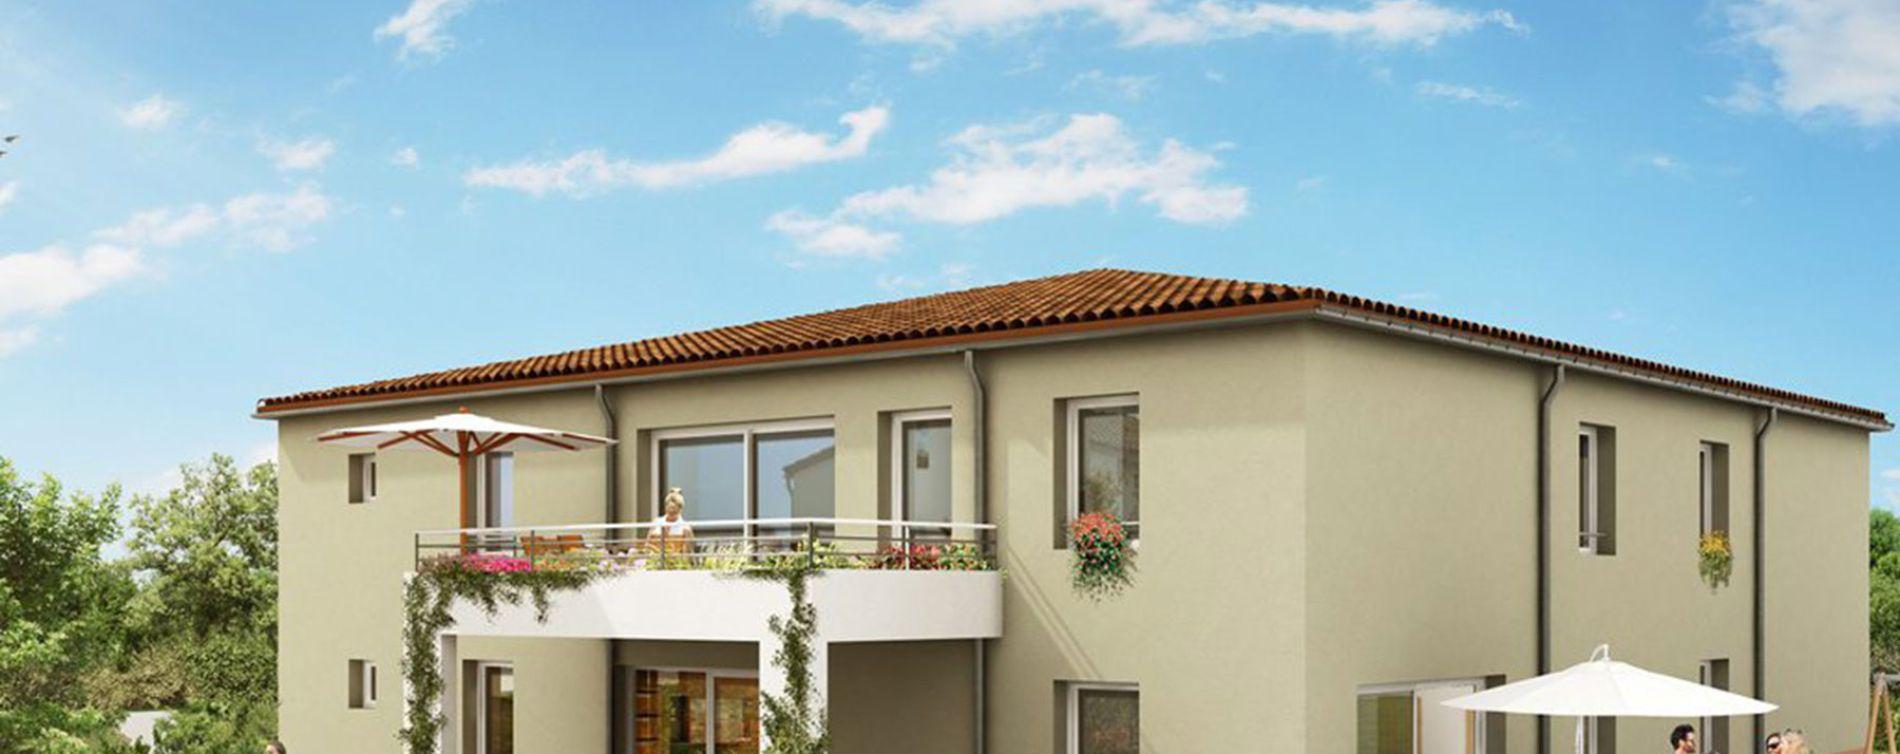 Buxerolles : programme immobilier neuve « Le Clos des Amandiers »